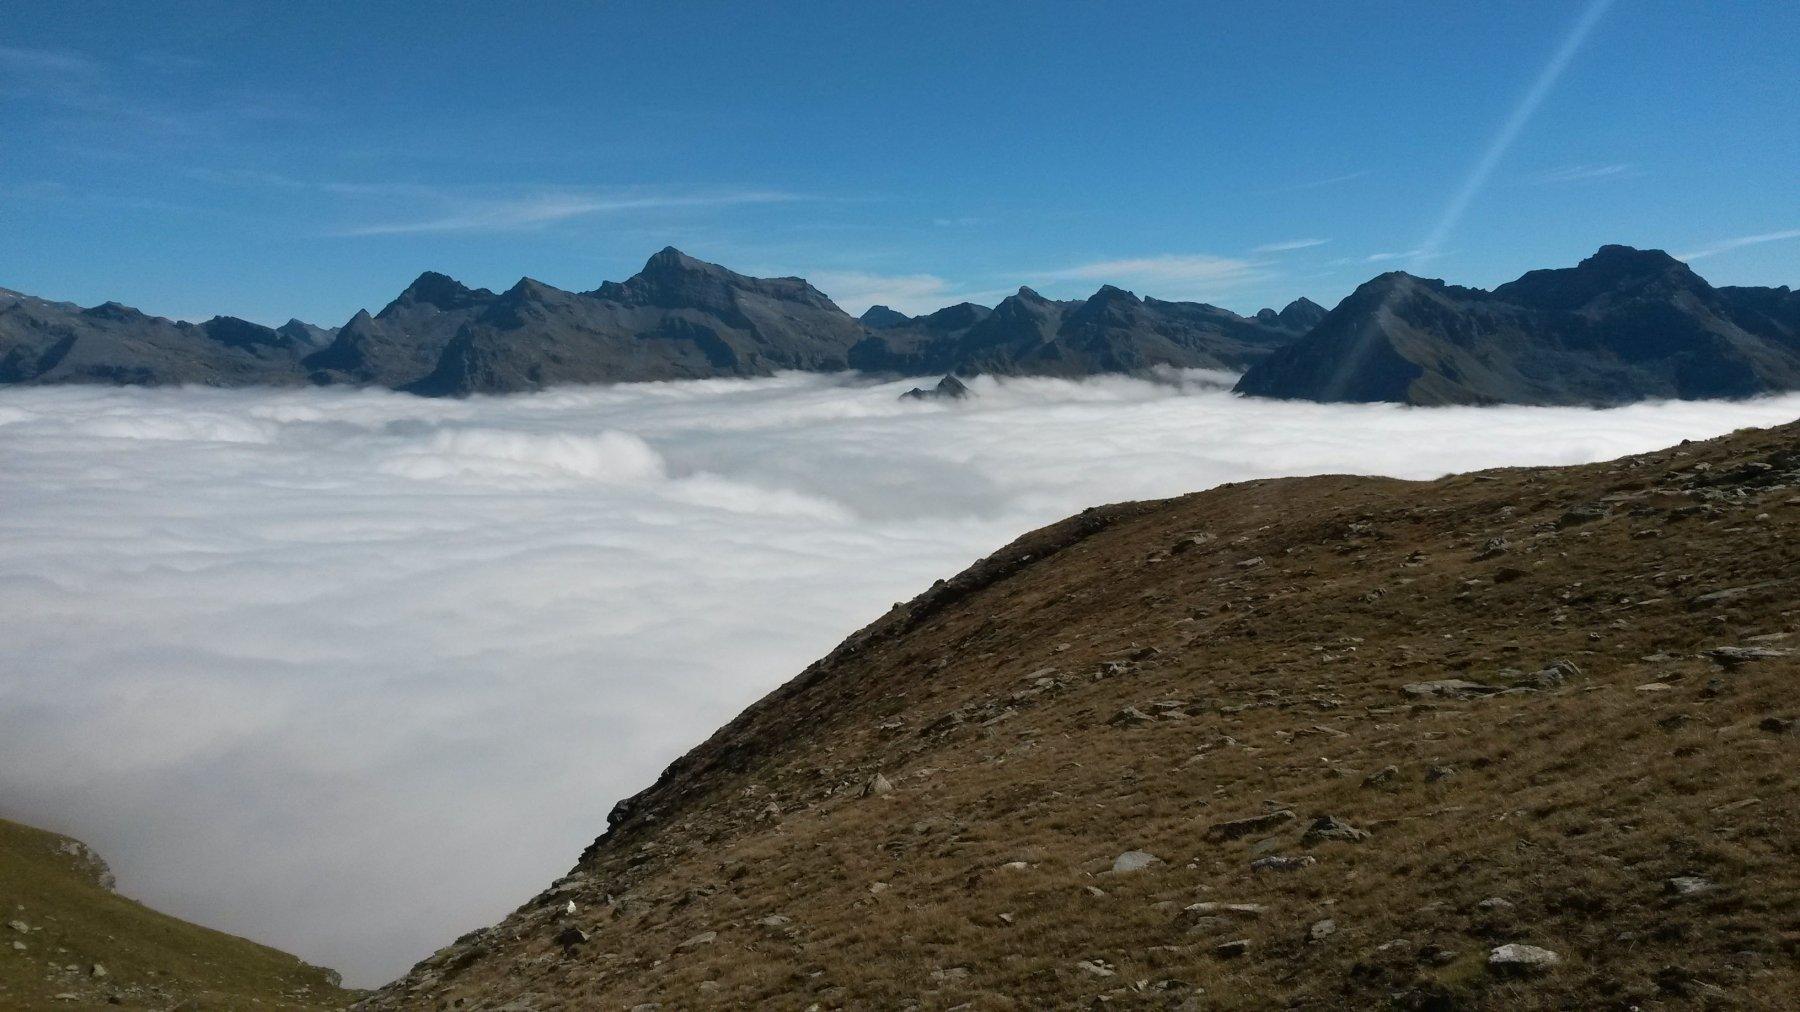 Mare di nubi  con il Testa Grigia